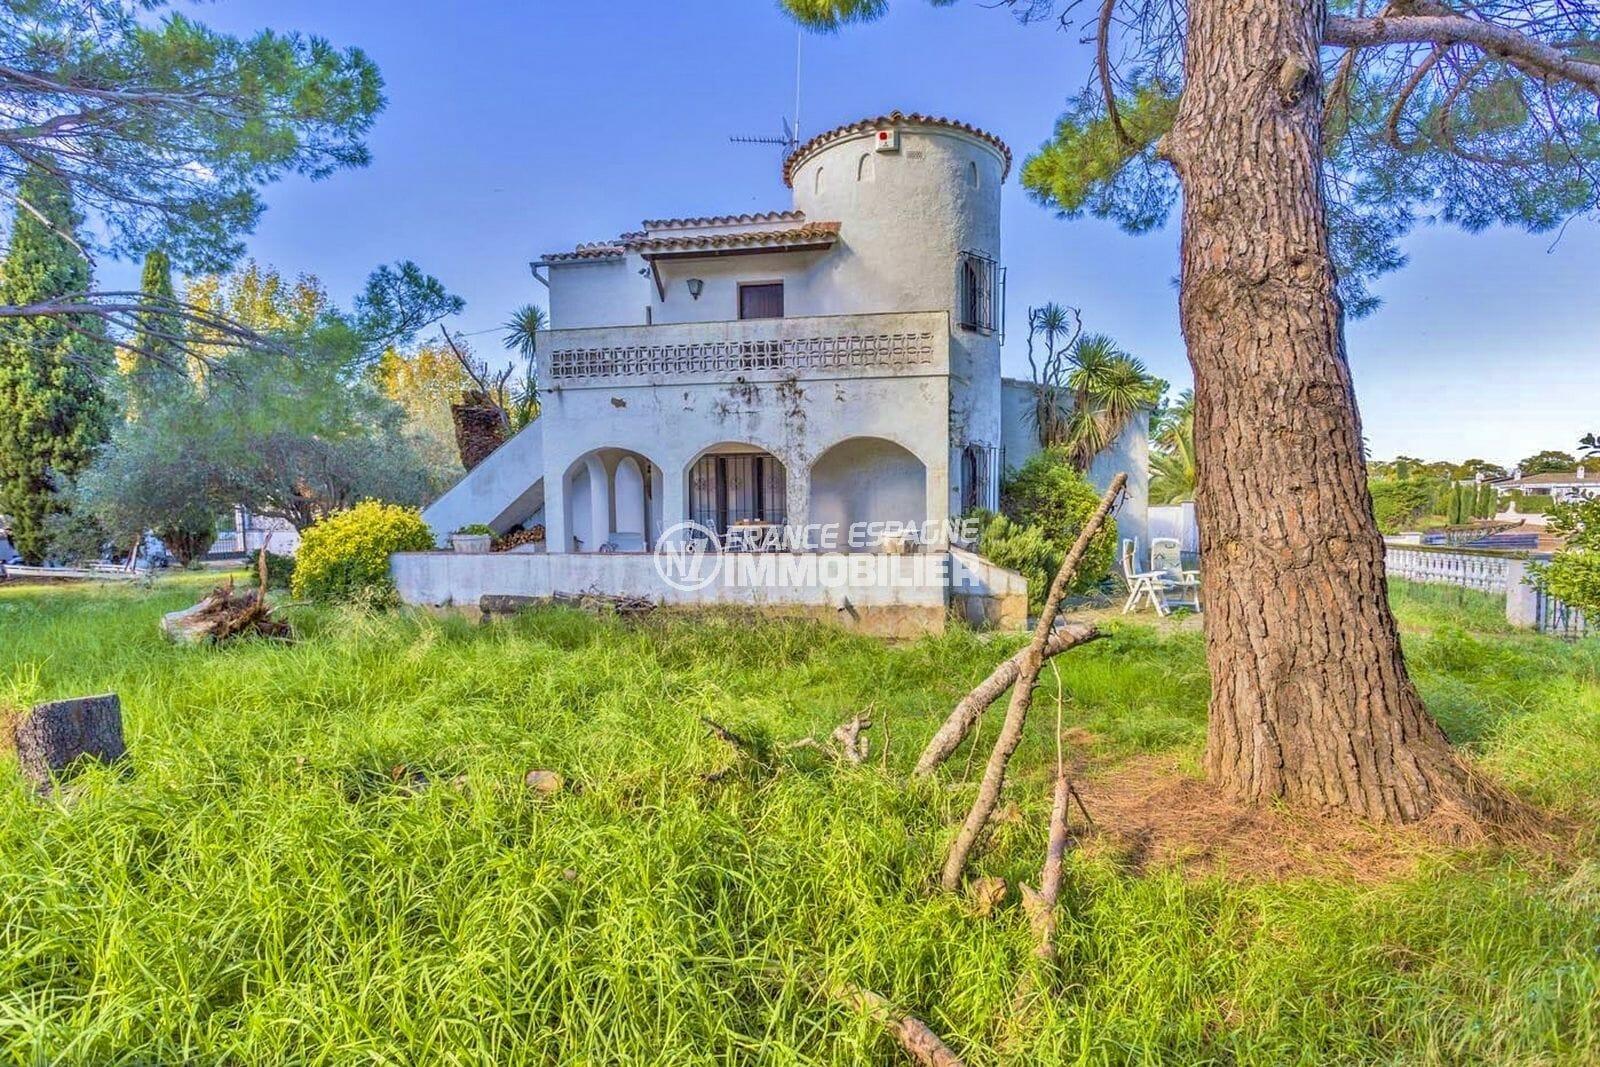 immobilier empuria brava: villa secteur résidentiel, garage, amarre, possibilité piscine